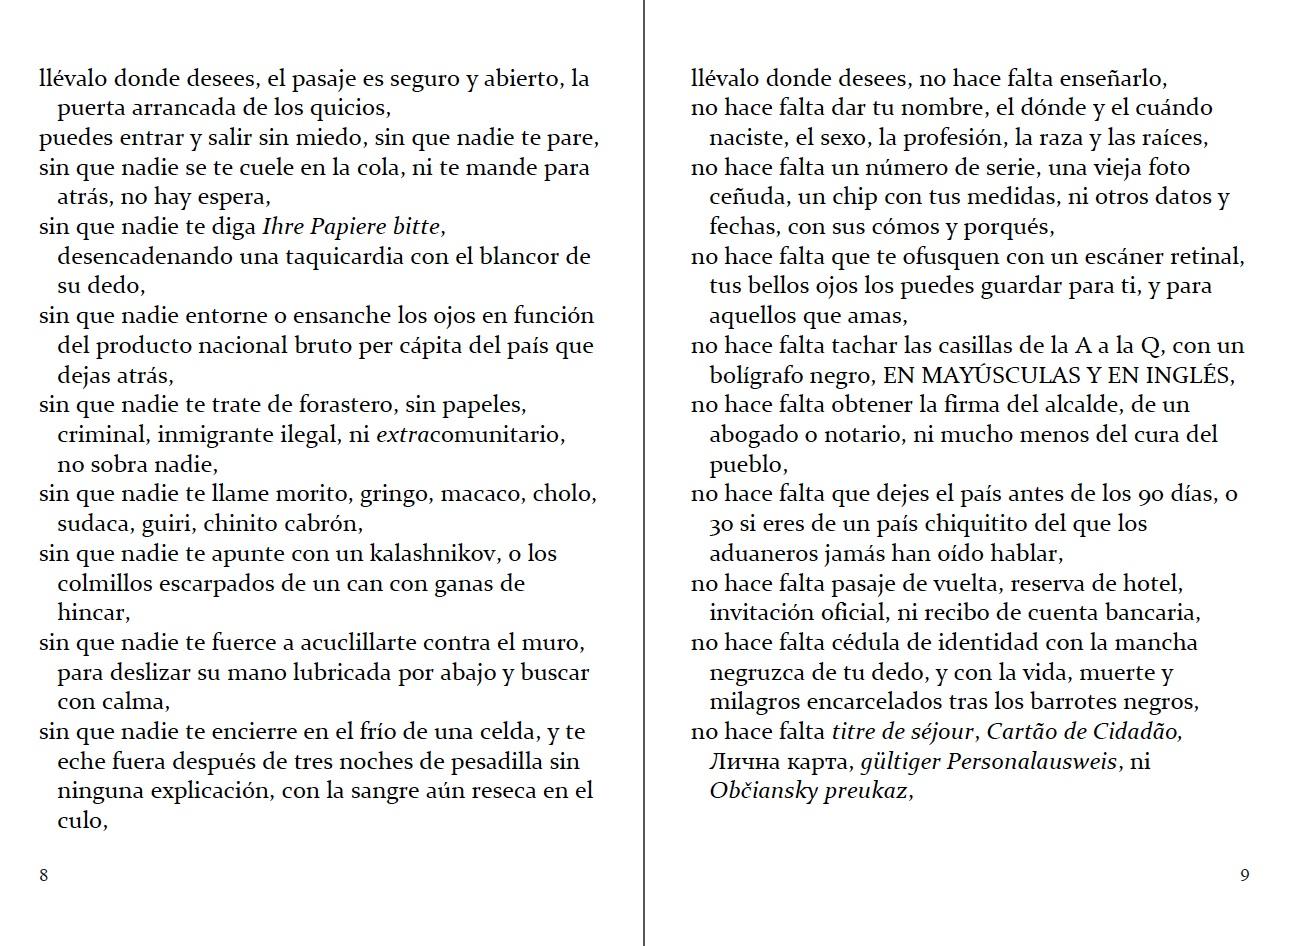 """pp. 8-9 del """"Pasaporte"""" en castellano. Adaptado por Carmen Herrera & Antoine Cassar (2ª edición)."""